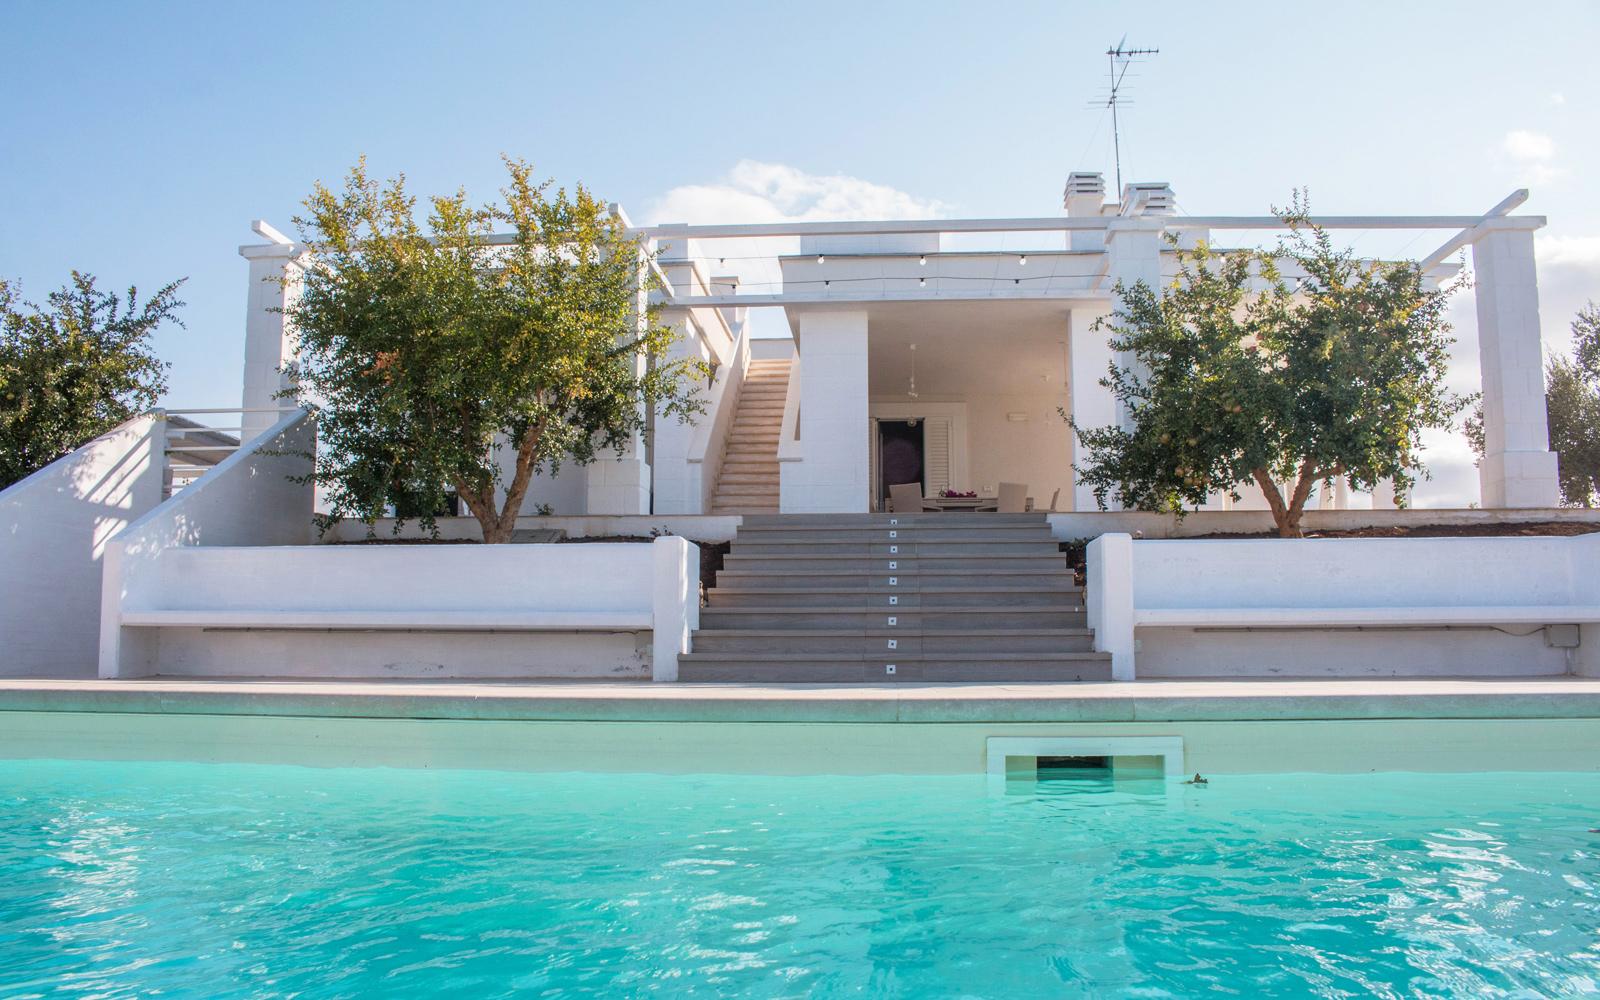 Villa Atena in Puglia